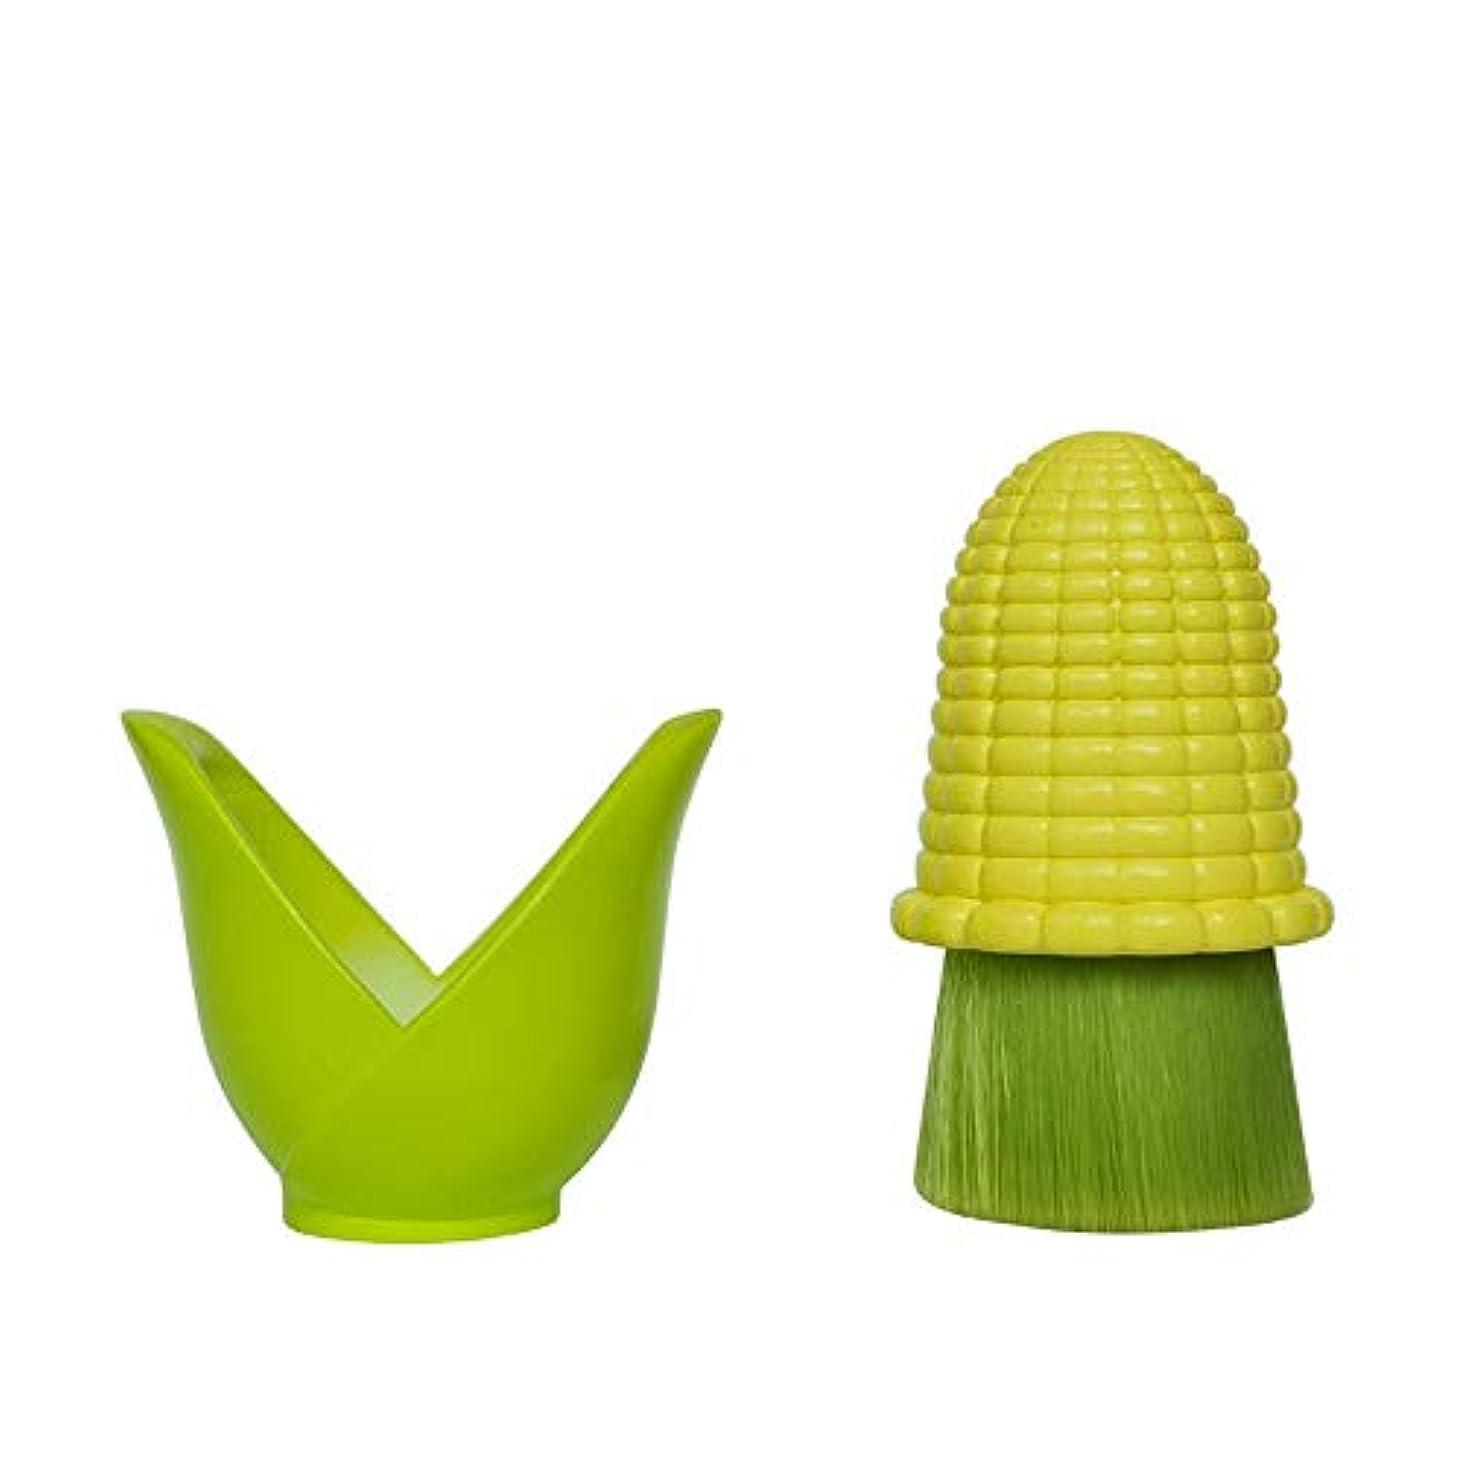 満足できる厳しいシロクマLYX イエローコーンウォッシュブラシ、カバーマニュアルプラントシリーズのクリーニングアーティファクト美容ツールで洗顔ブラシ、抗菌本物のスーパーソフトフェイスクリーニングブラシ、 (Color : Yellow)